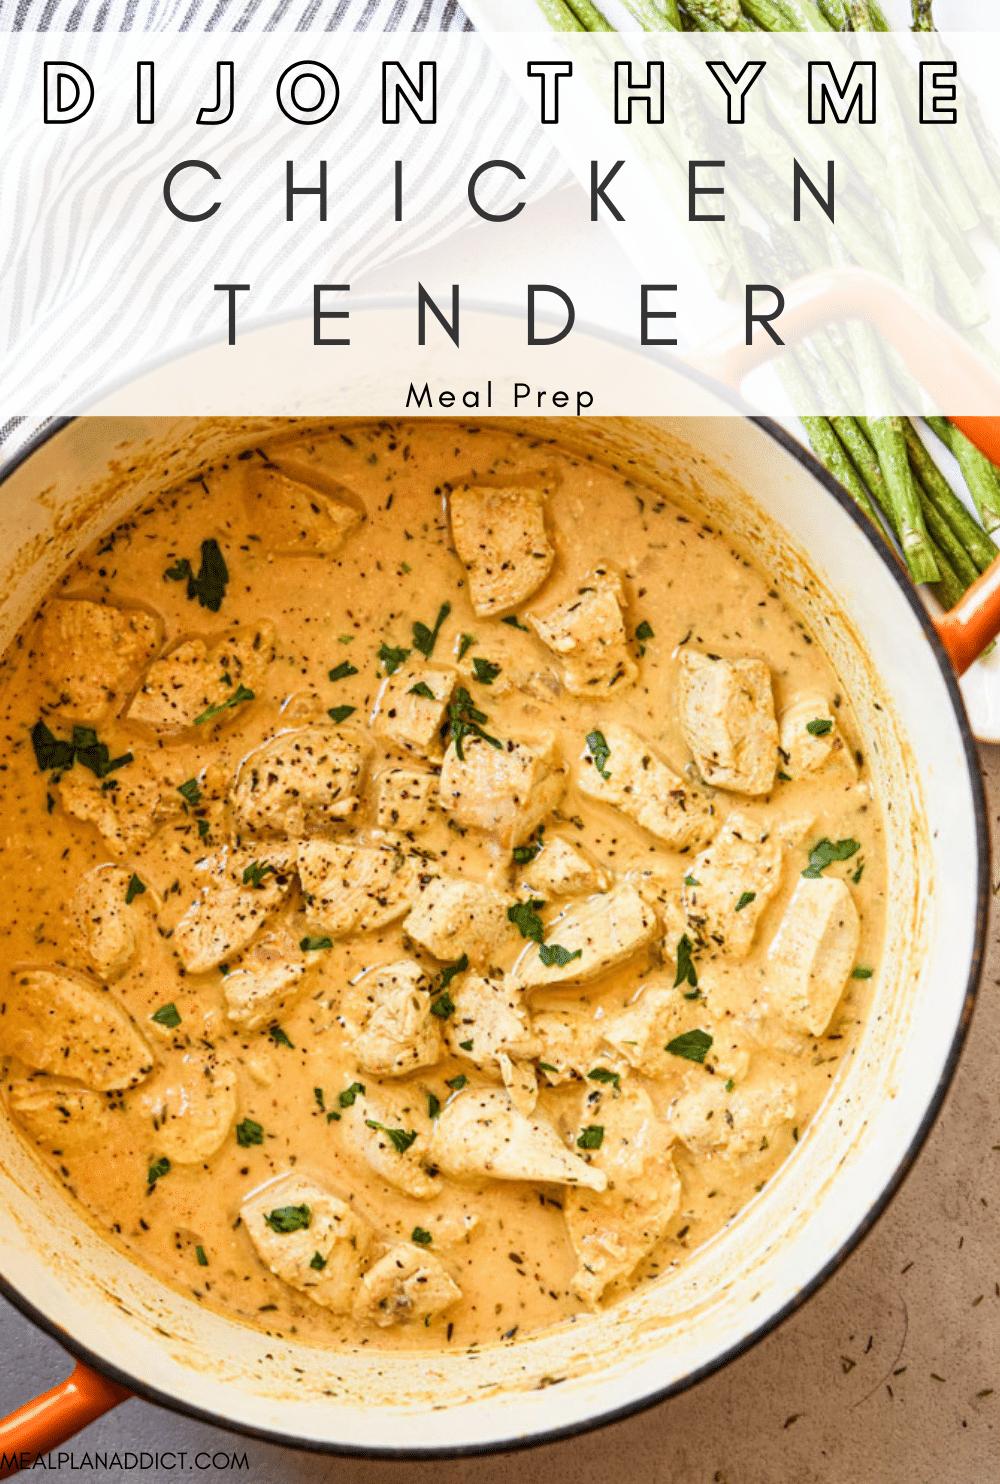 Chicken tenders pin for Pinterest